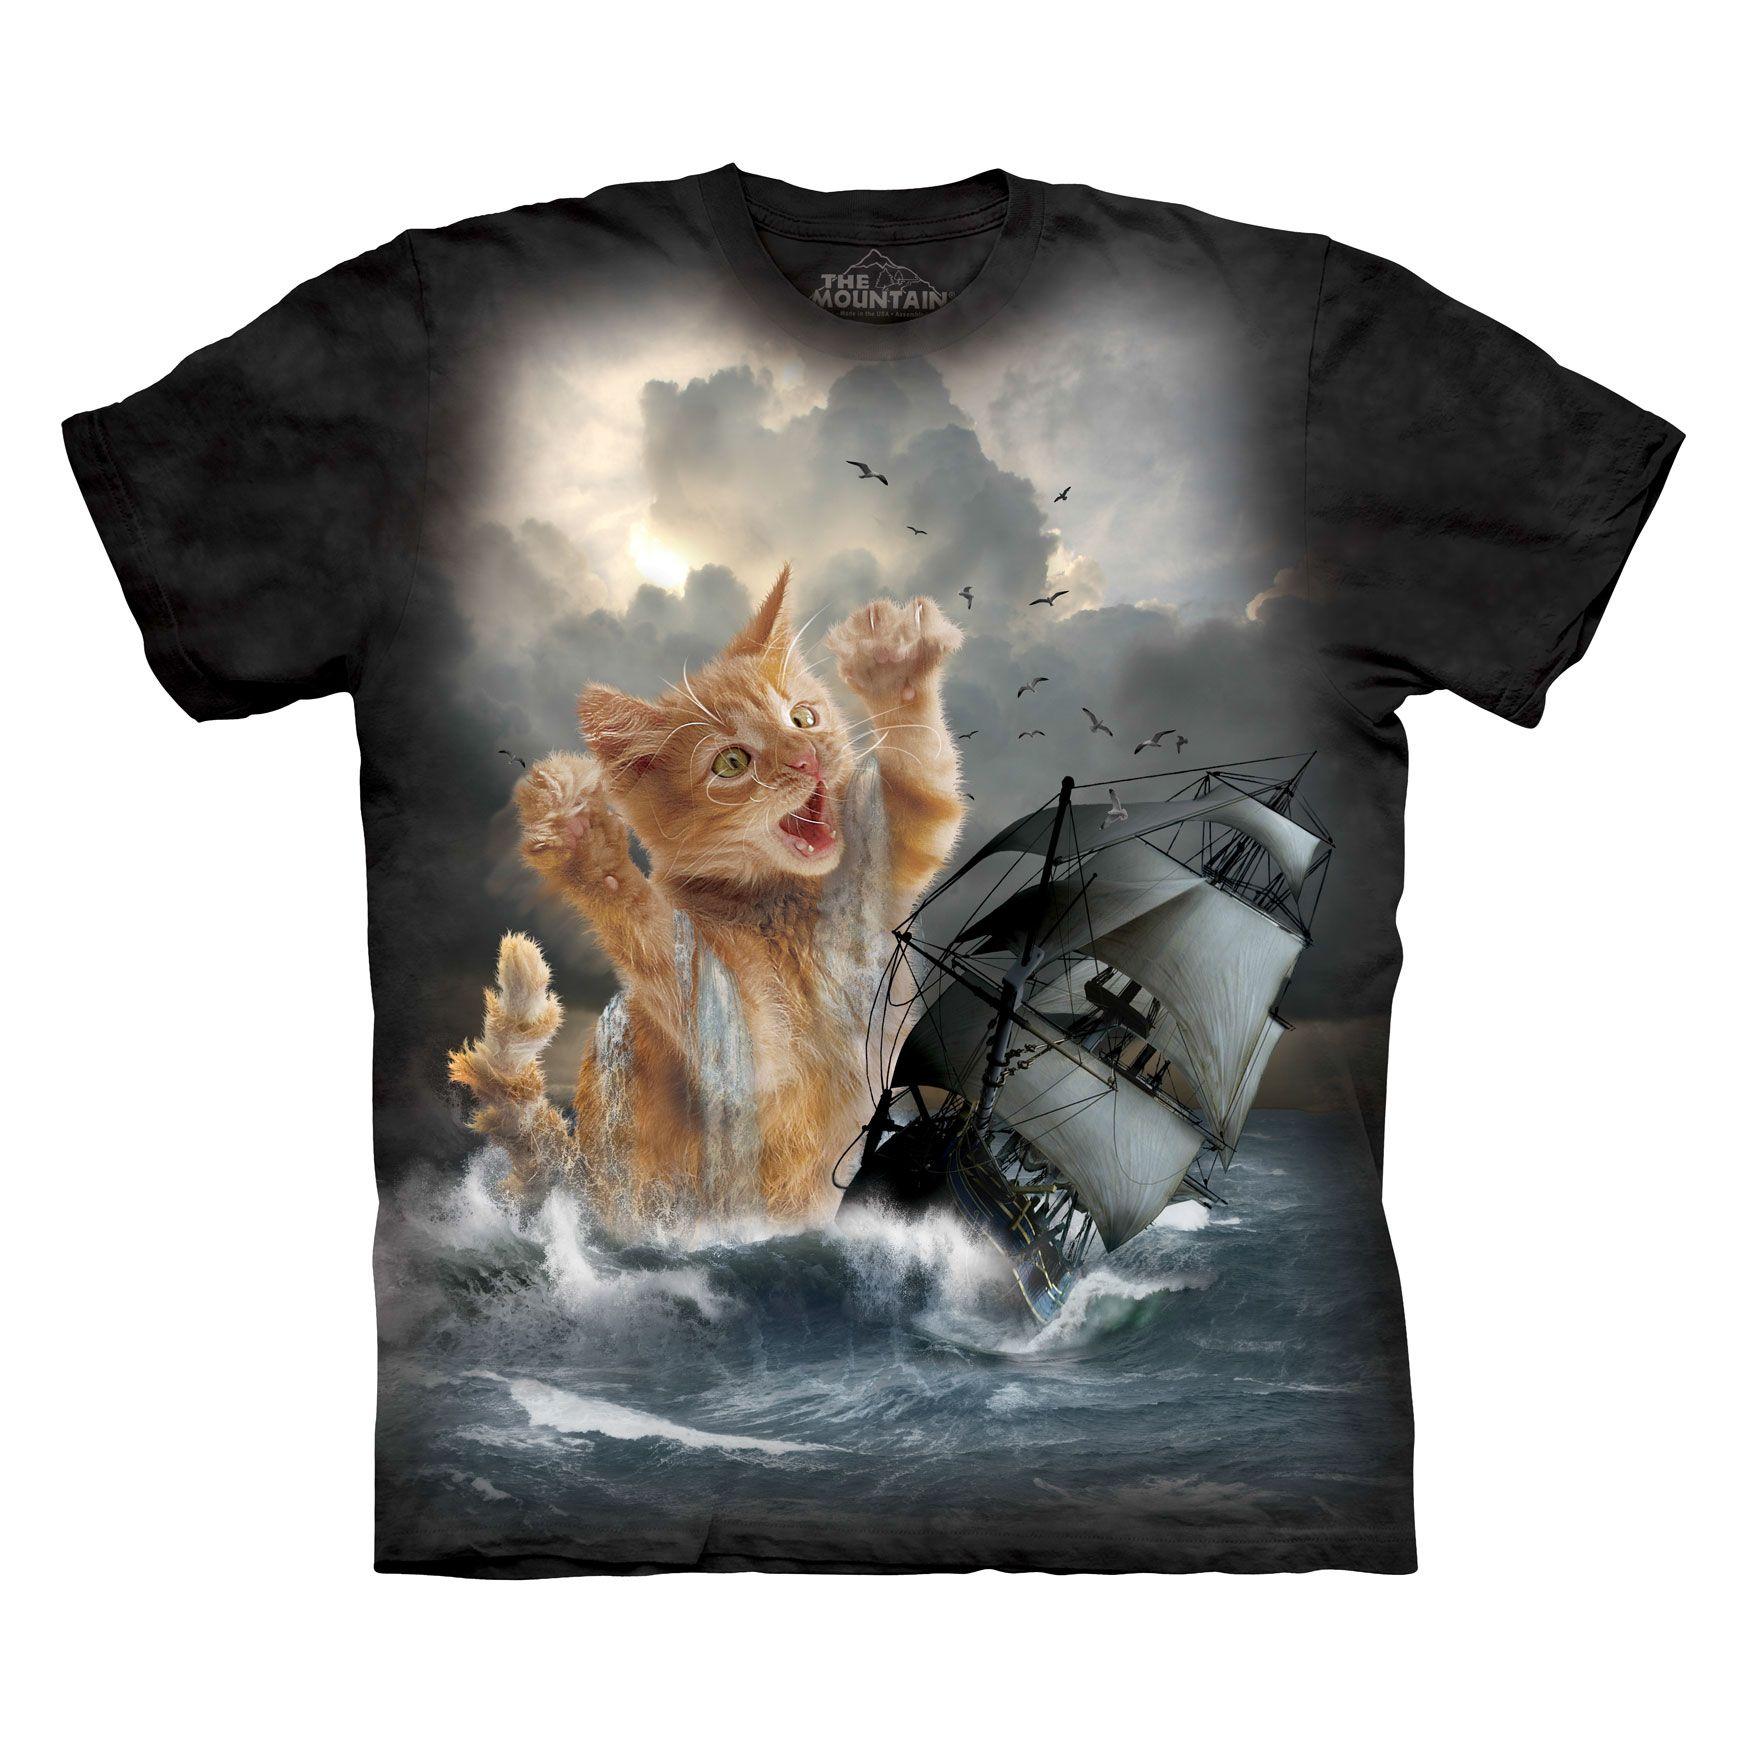 Wow Best T Shirt Ever I Wish I Wore T Shirts Animal Tshirt Kittens Shirt Cat Tshirt